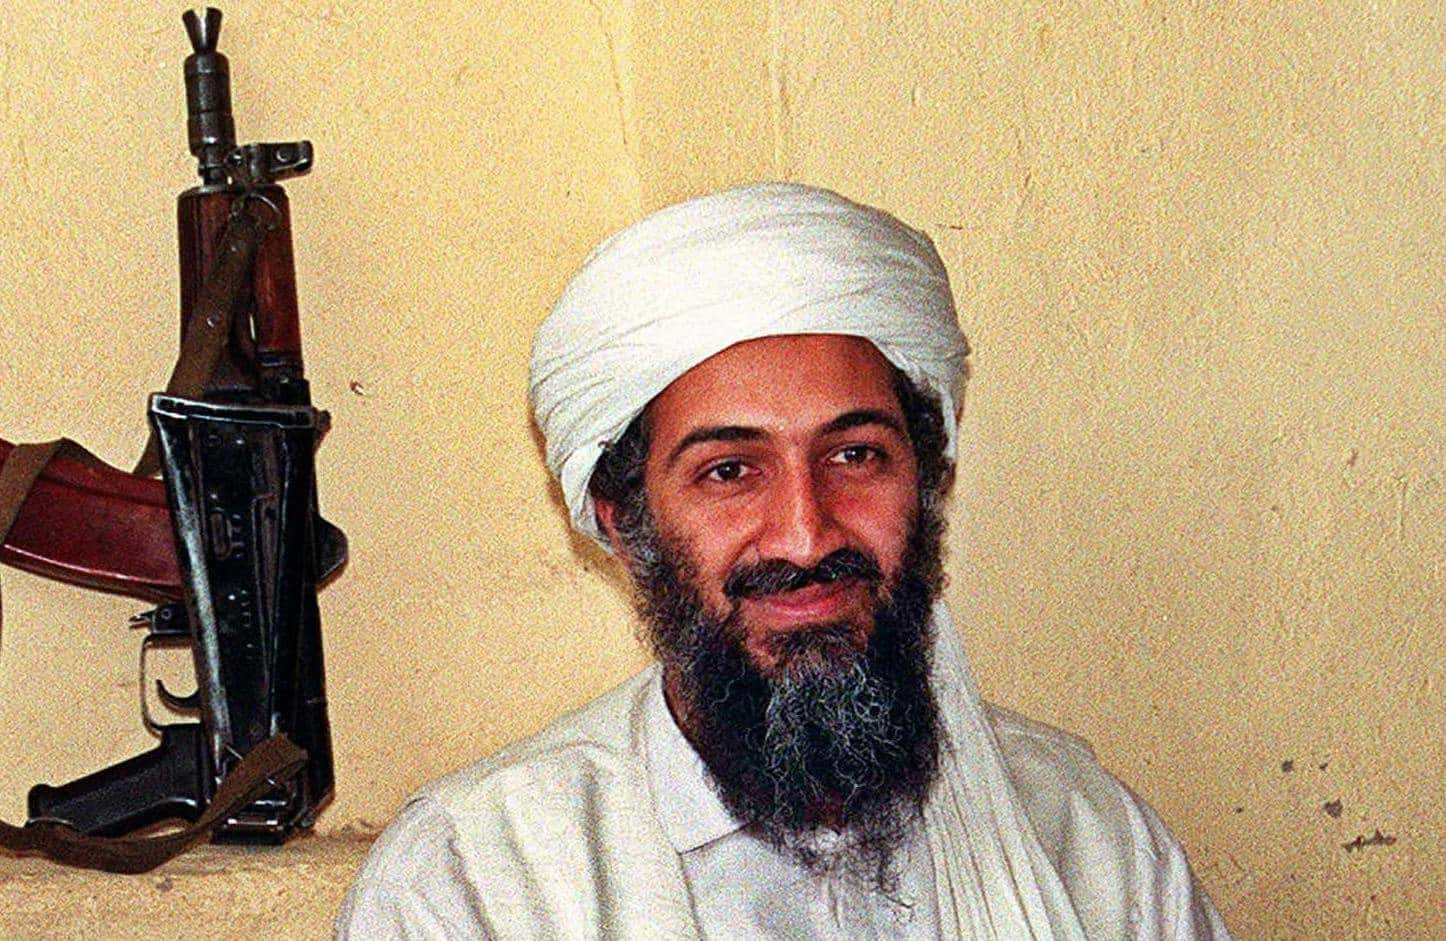 92ff0b25e5cff138aef8b781ca9ee984 - Ésta es la razón por la que no has visto las fotos de Bin Laden muerto